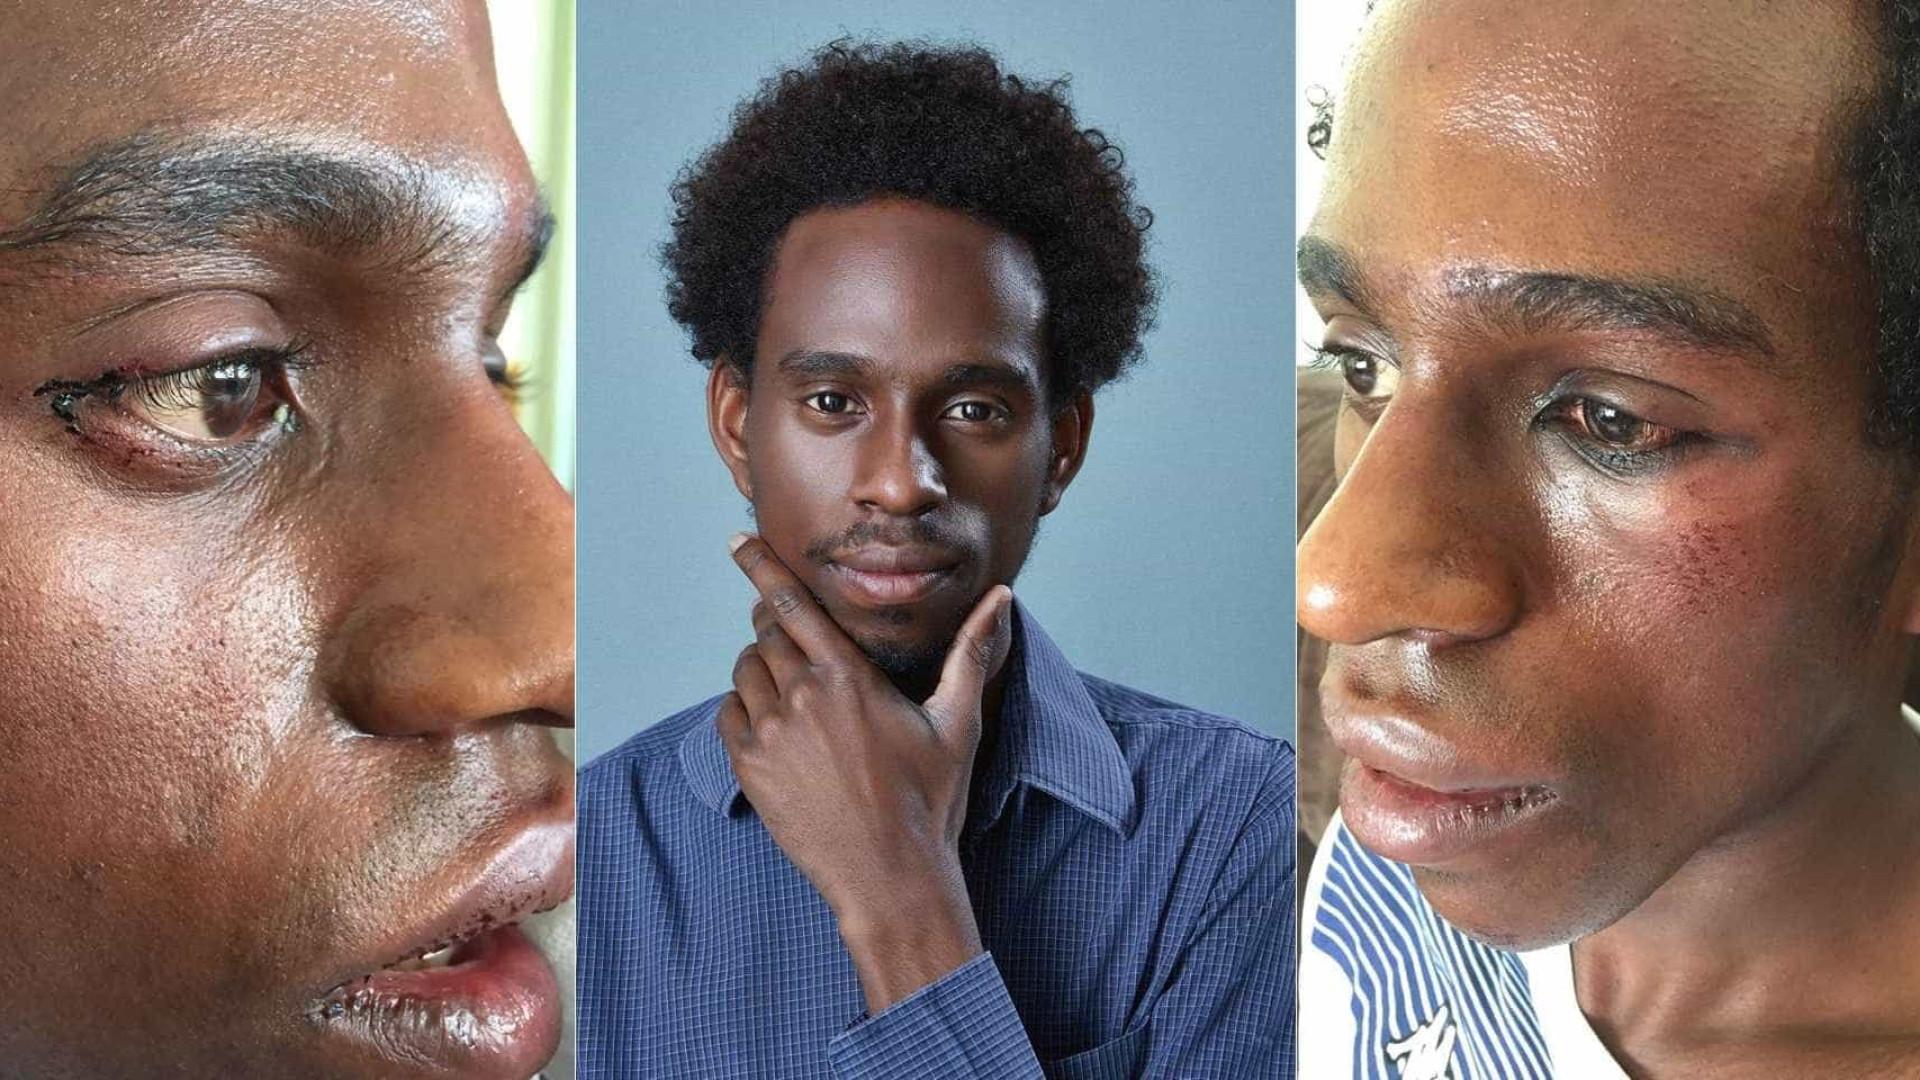 Ator é espancado no centro de SP vítima de racismo